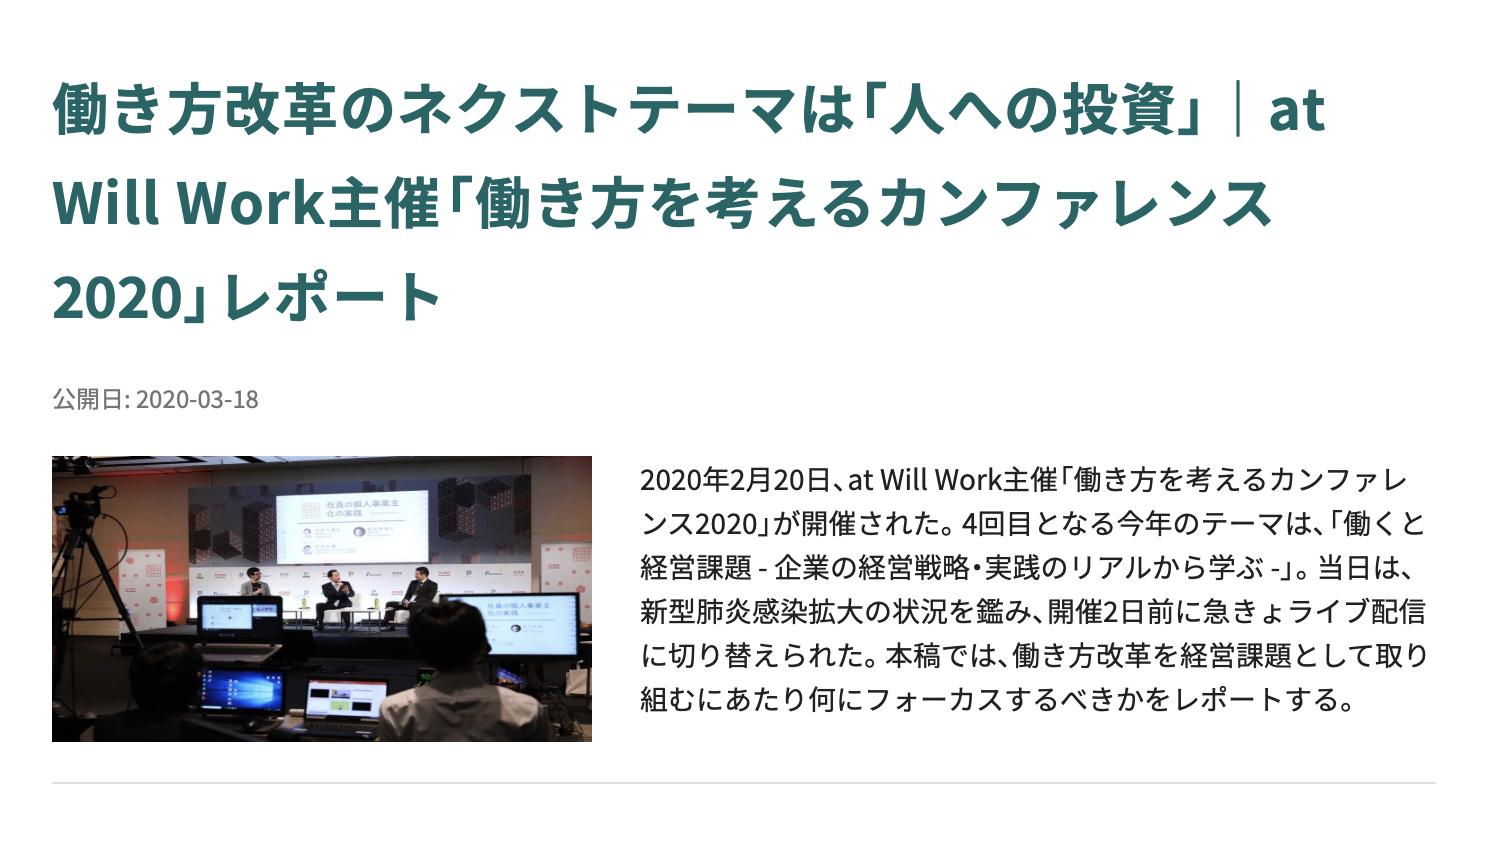 スクリーンショット 2020-11-20 20.53.54.png